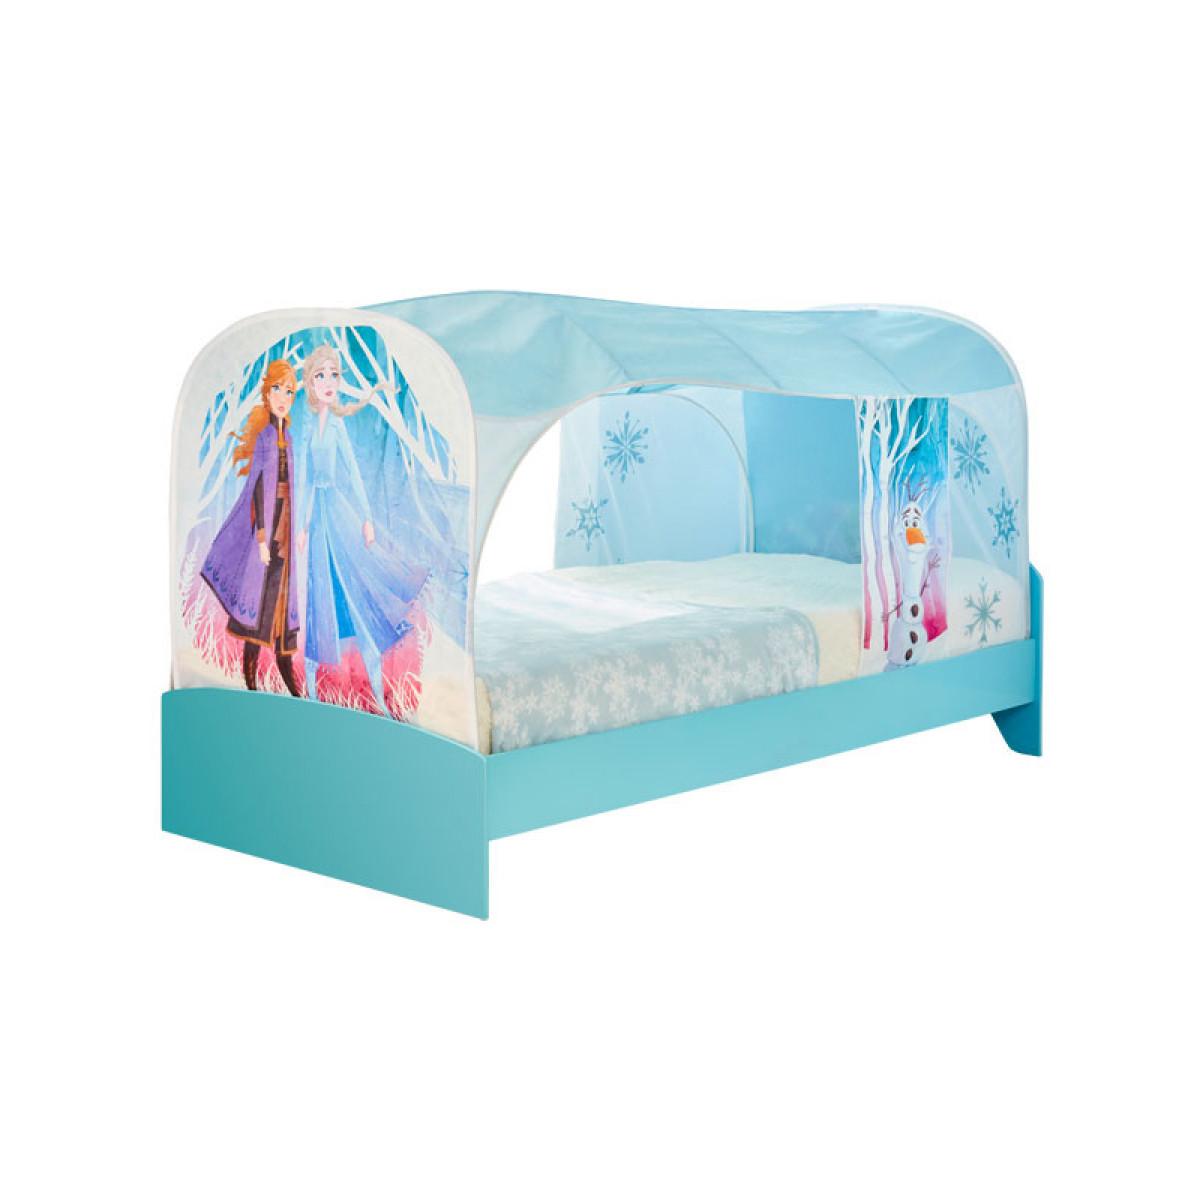 Image of: Disney Frozen 2 Over Bed Tent Den